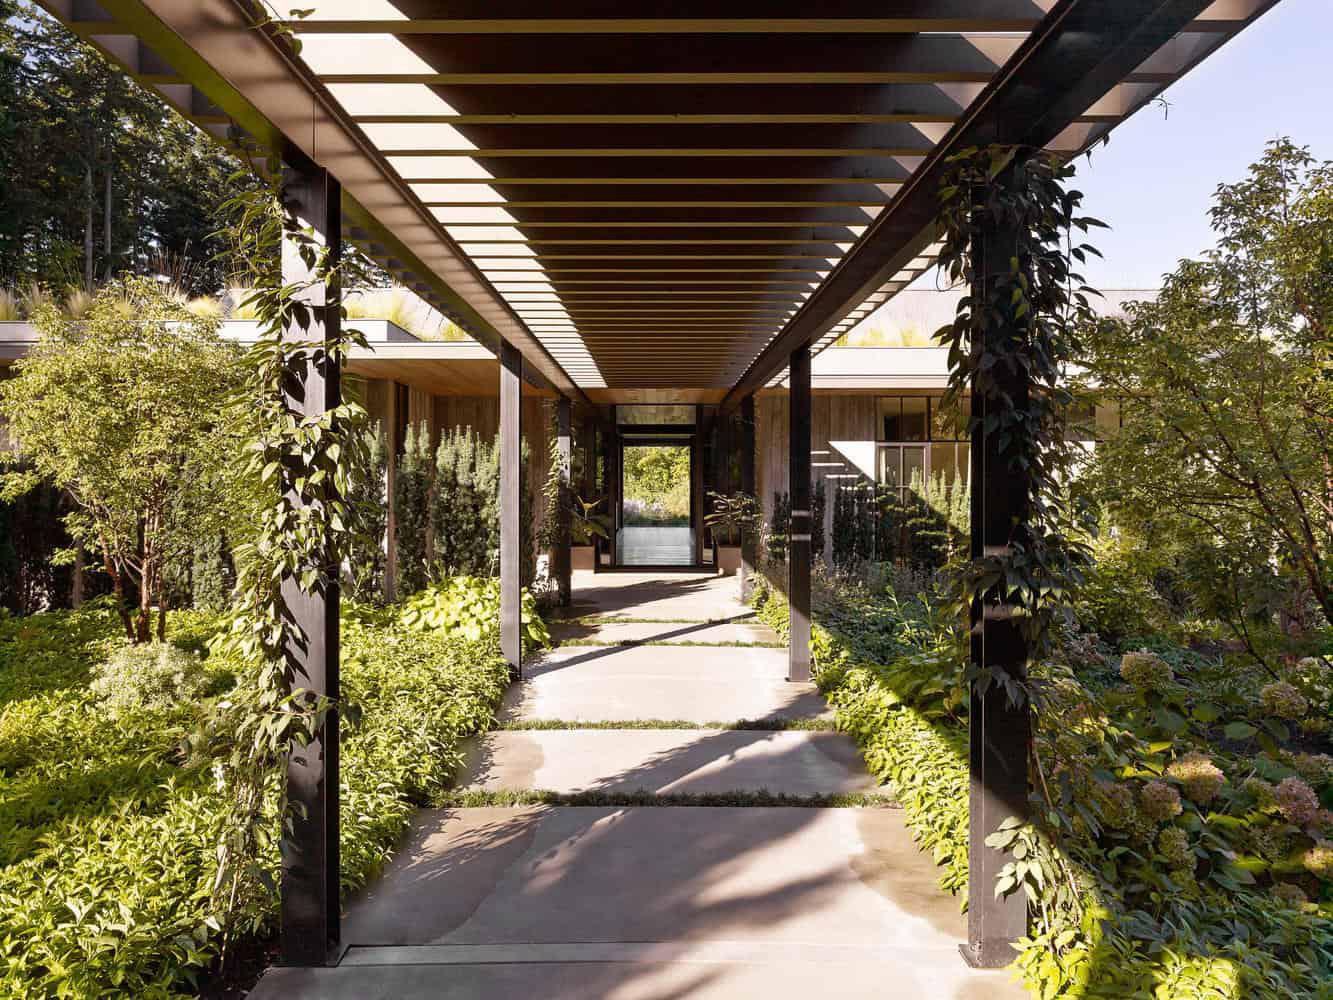 Ngôi nhà đẹp như cổ tích lại nằm giữa không gian thiên nhiên rộng lớn toàn hoa thơm cỏ lạ - Ảnh 9